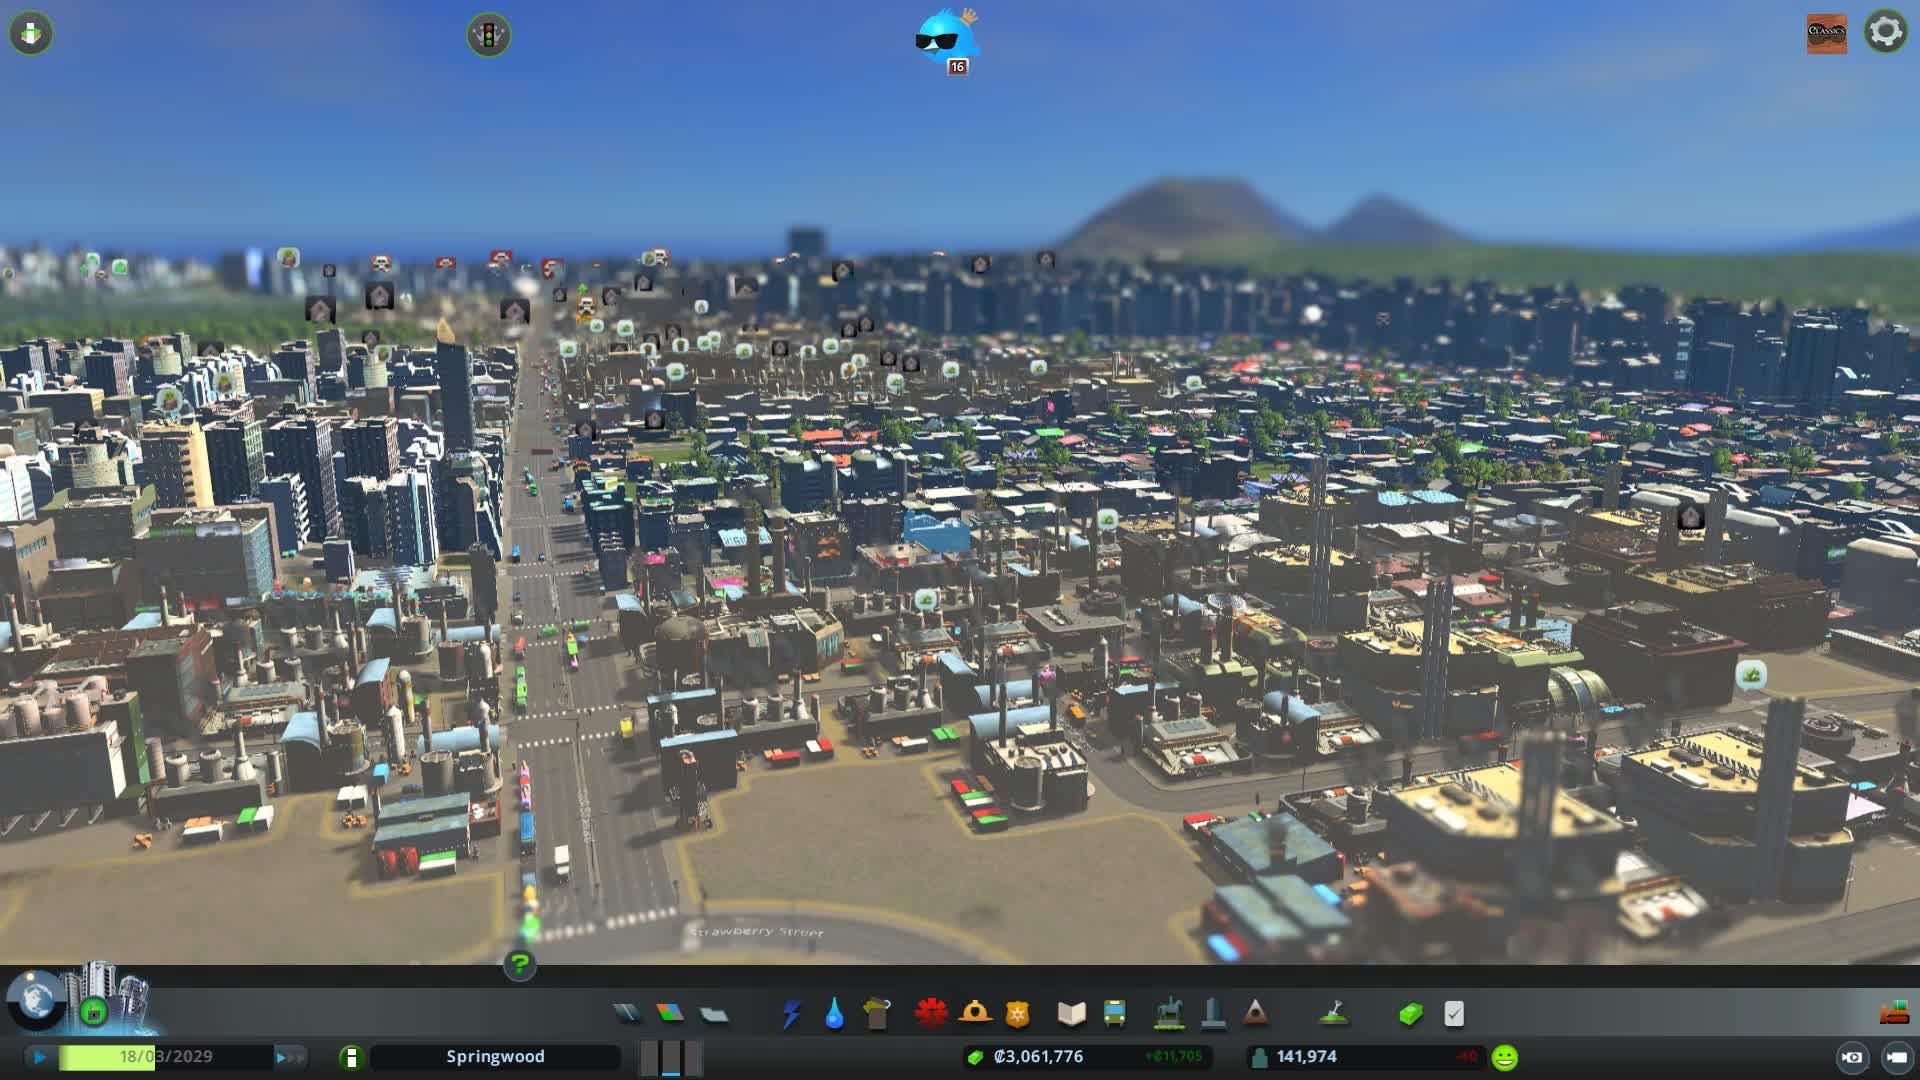 citiesskylines, Cities Skylines 2018.09.05 - 03.06.11.01 GIFs